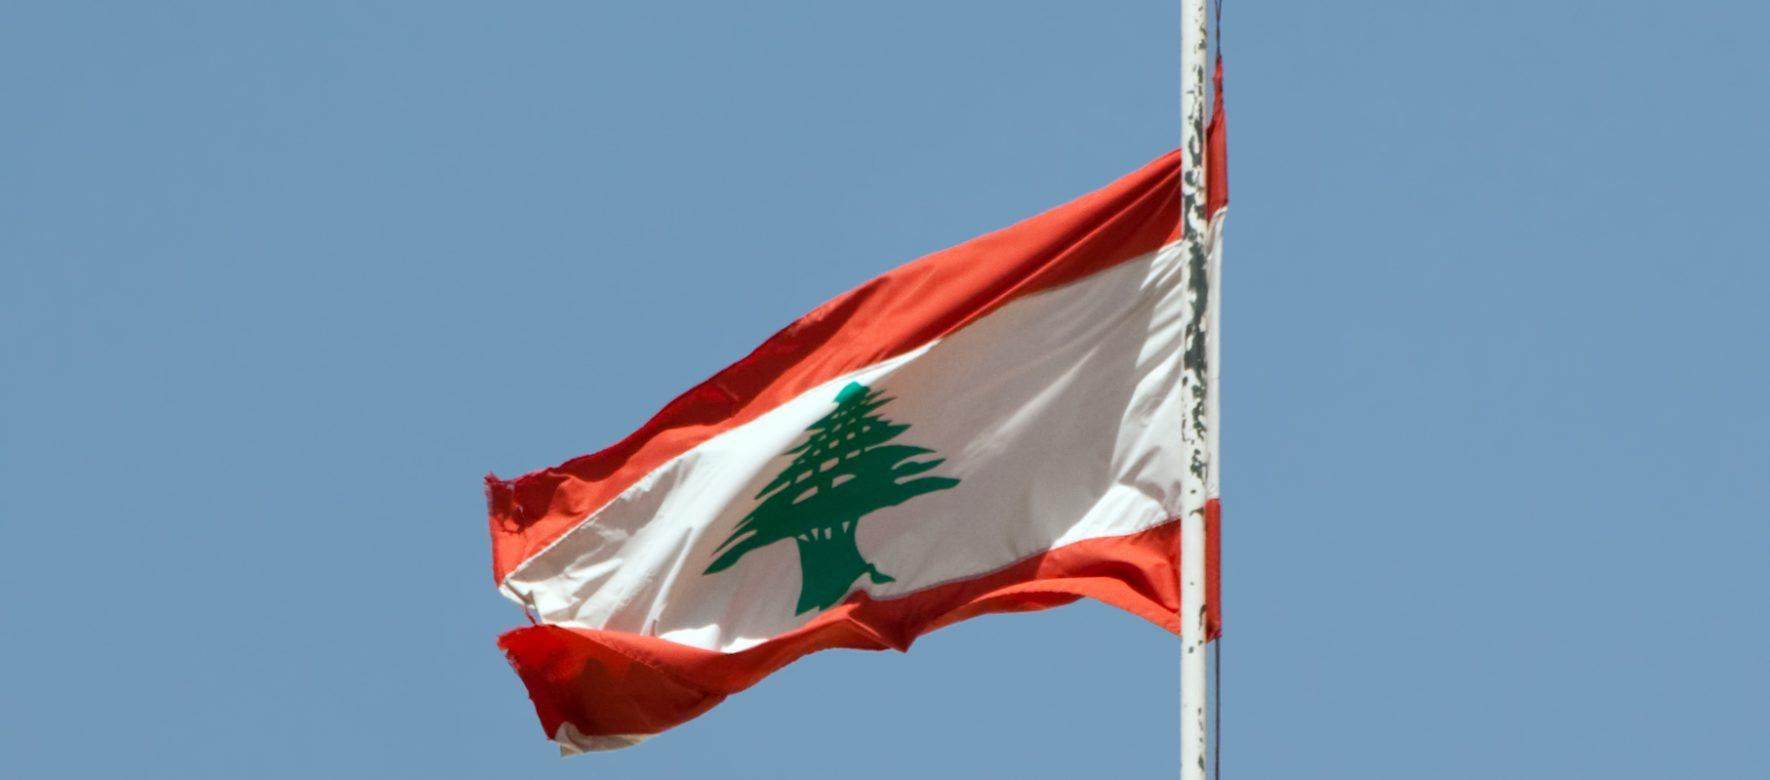 Economie libanaise : les prévisions du Business Monitor International pour l'année 2017